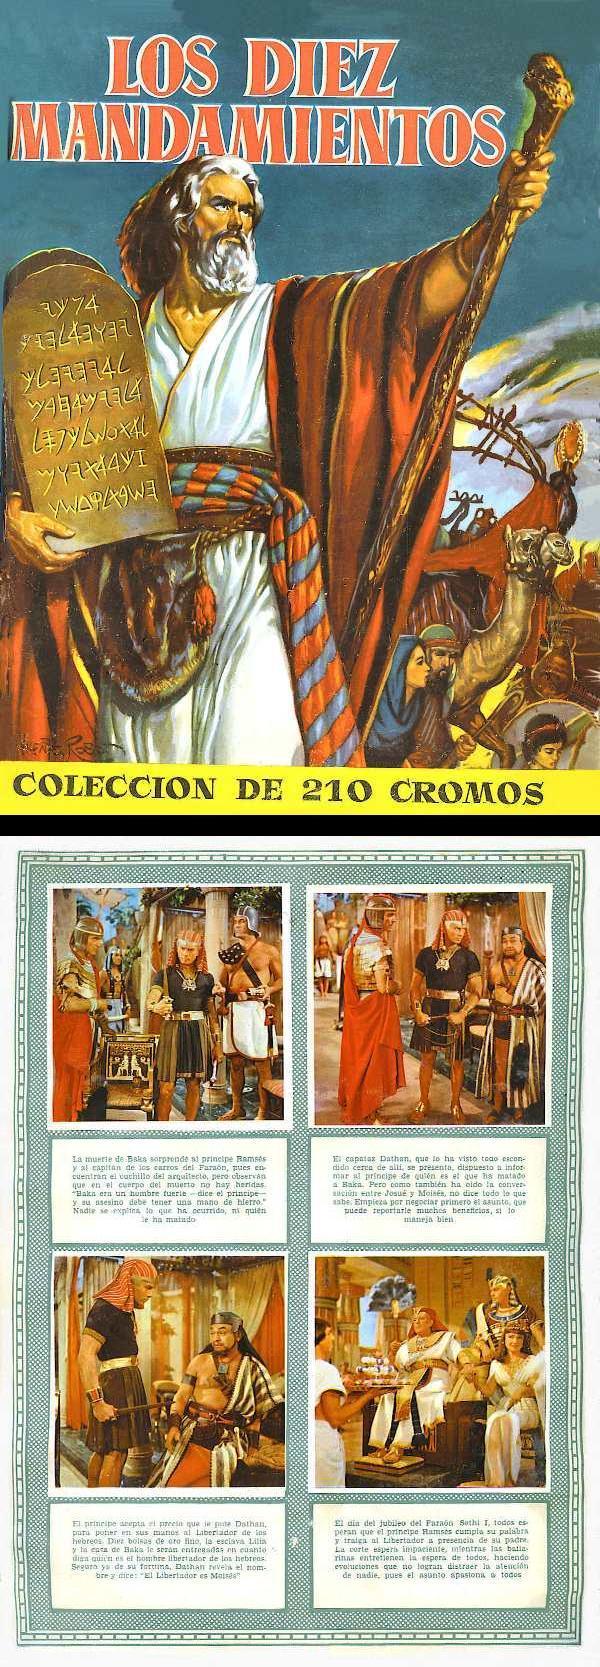 Álbum de cromos de Los diez Mandamientos.